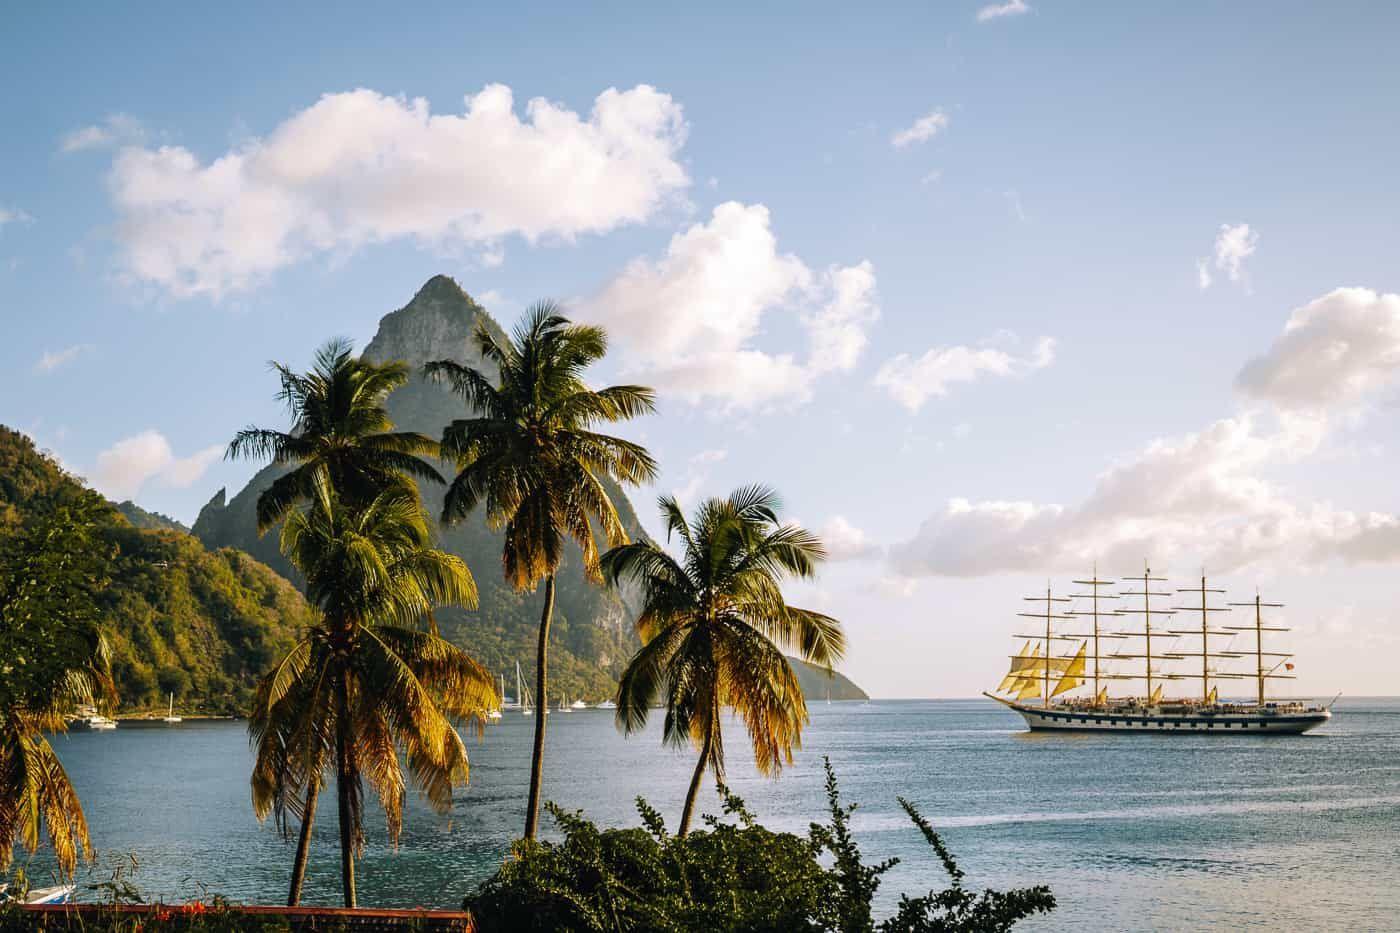 Saint Lucia Urlaub Die Besten Tipps Strande Und Sehenswurdigkeiten Mexiko Urlaub Reise Nach Hawaii Ausflug